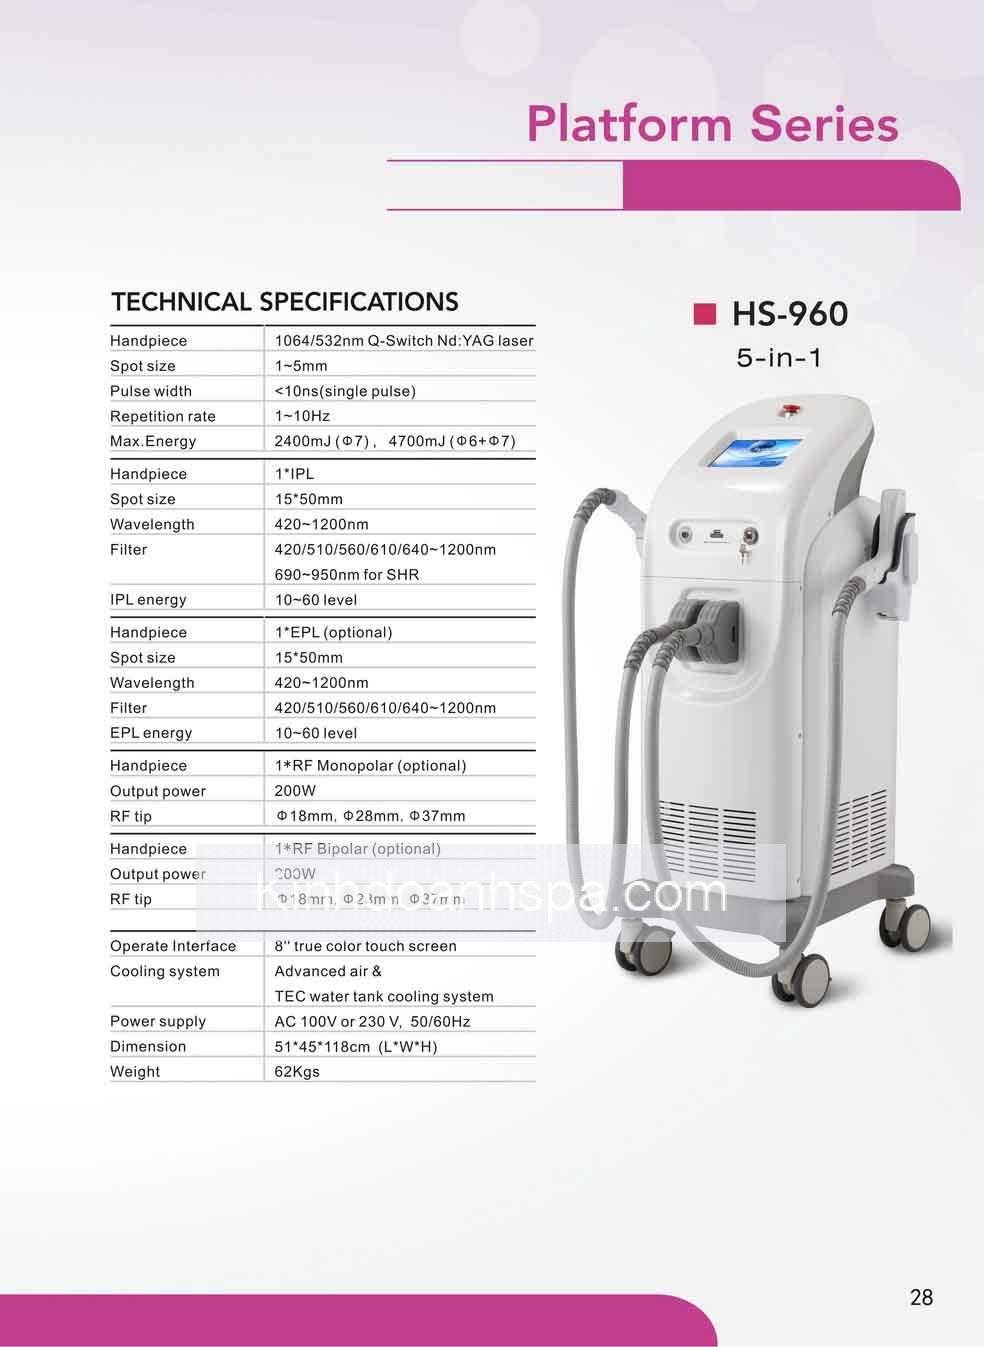 hs-960-cataloge